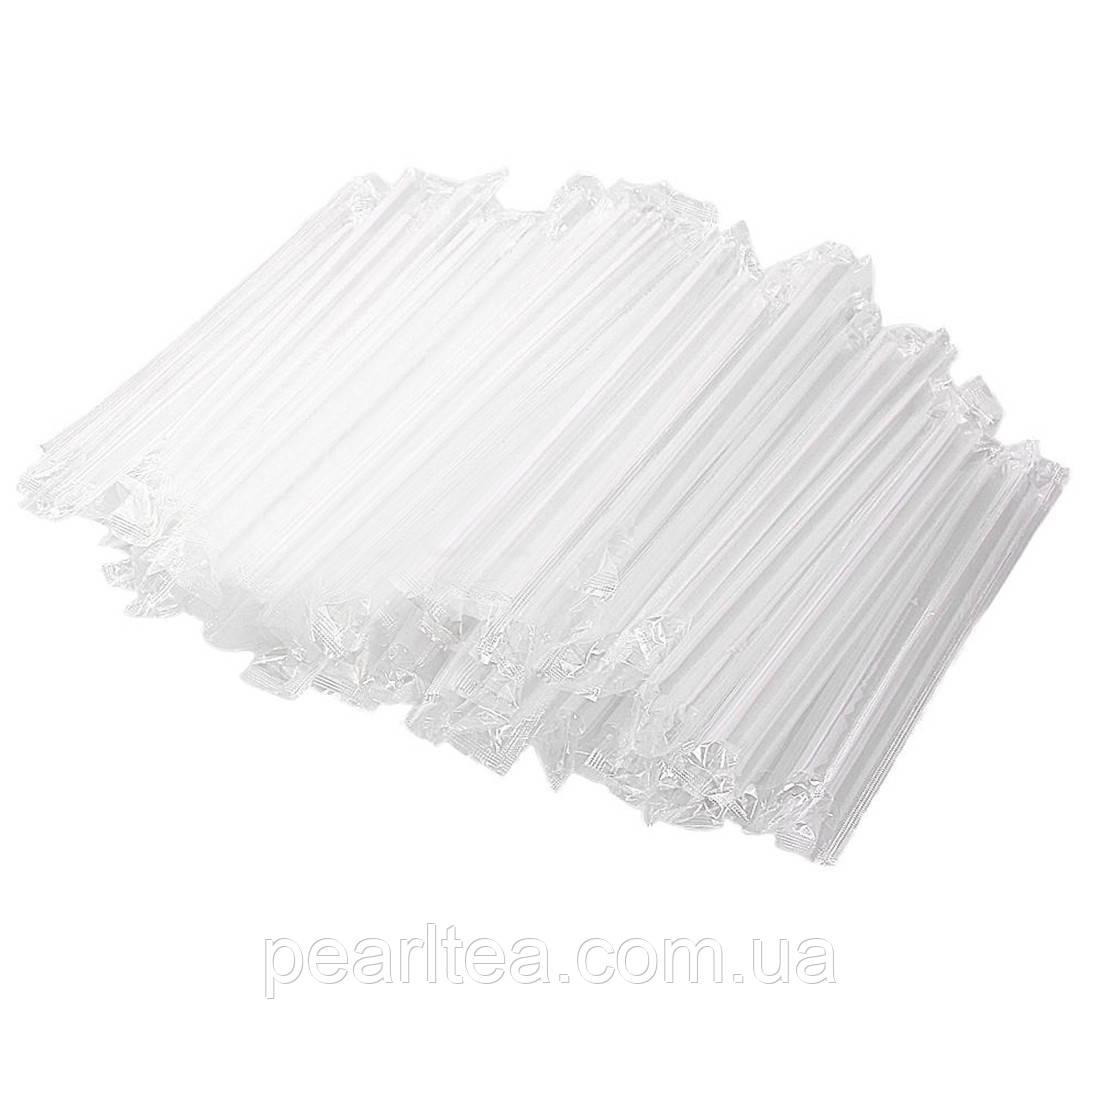 Прозрачные трубочки в индивидуальной упаковке для BUBLE TEA 23 см.